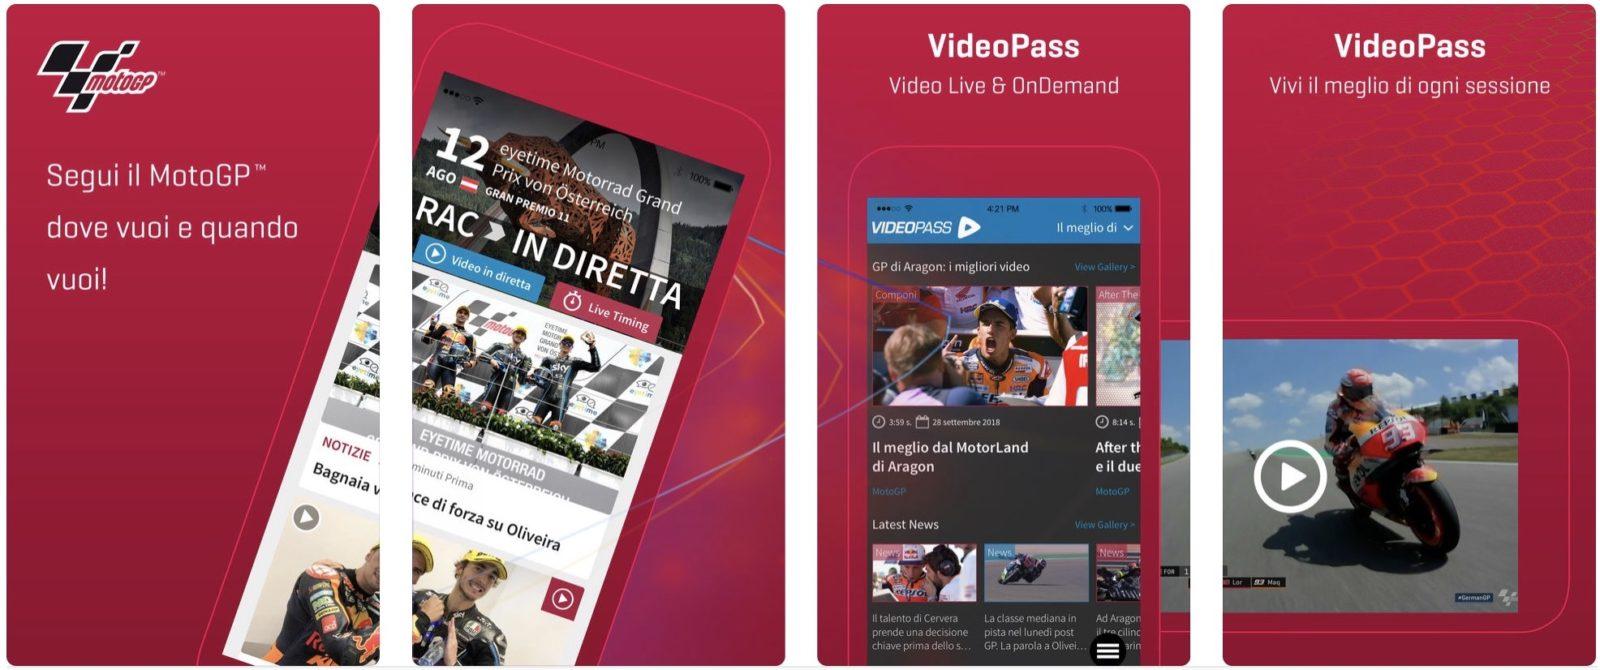 Disponibile l'app MotoGP 2017 per seguirla su iOS, anche in diretta